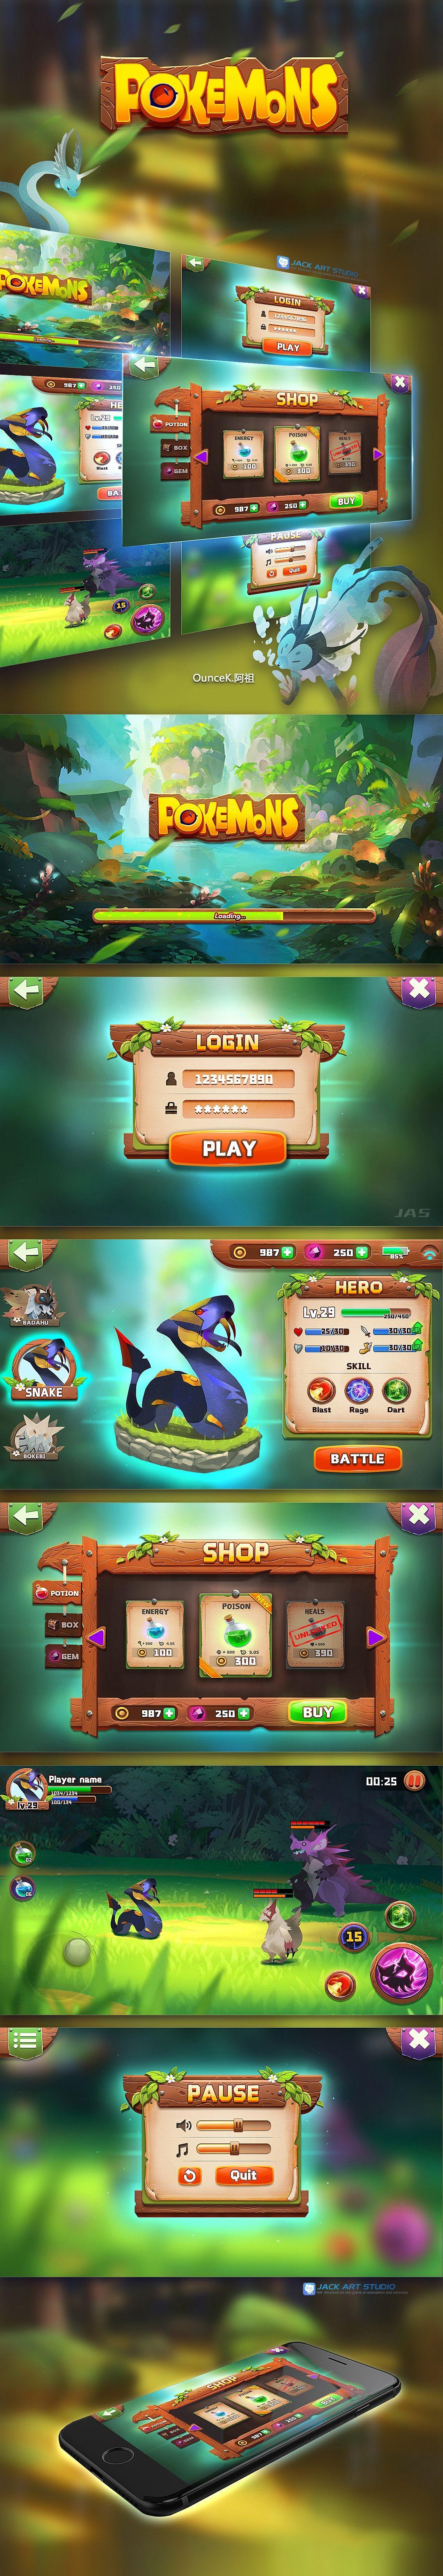 游戏ui 界面 创意 交互设计 广告 原画 游戏设计gui art design- JACK UIUX